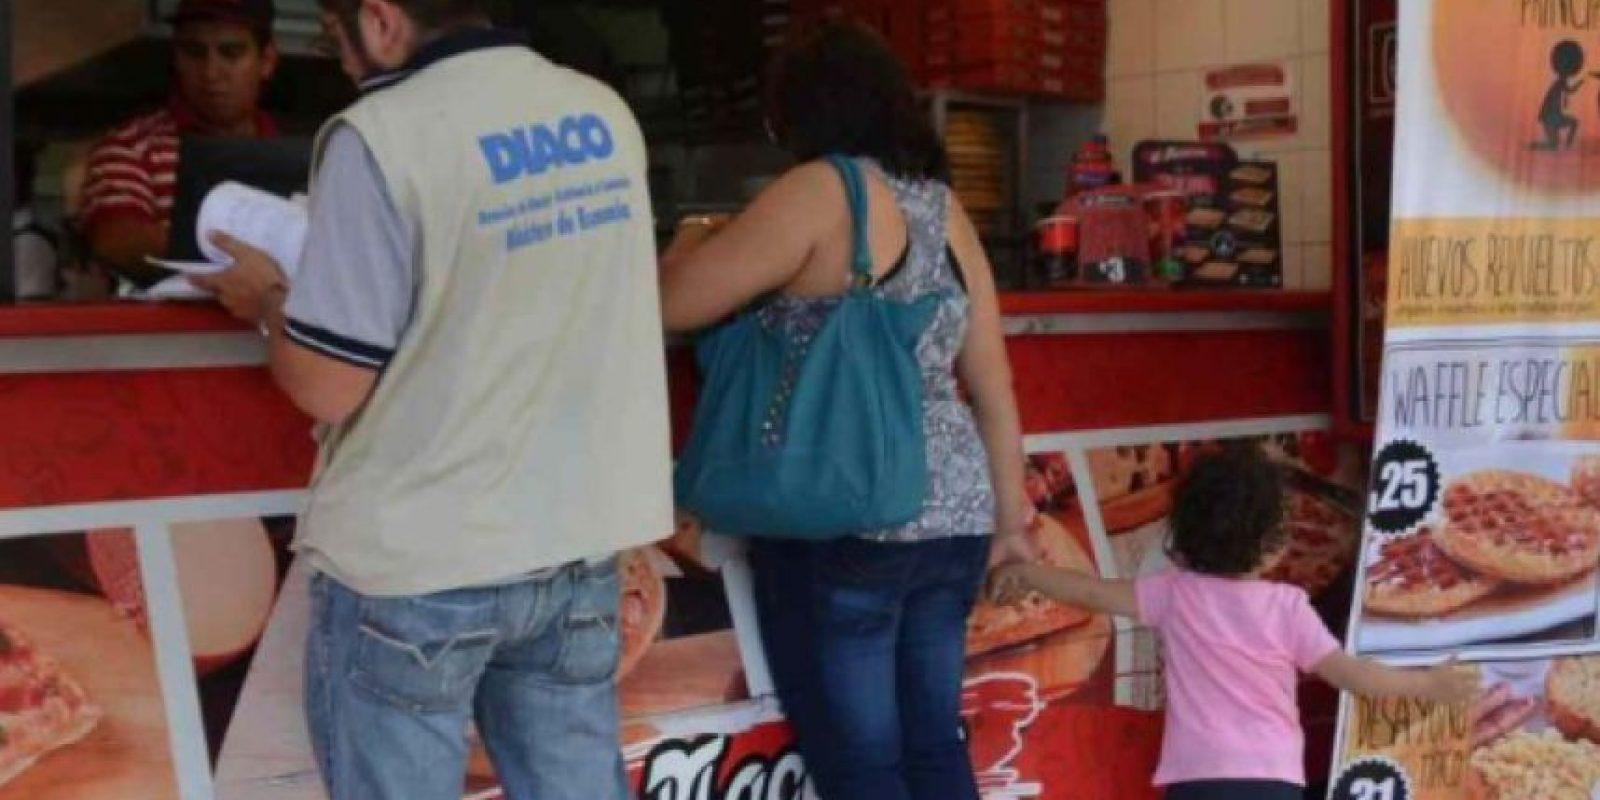 Foto:Diaco